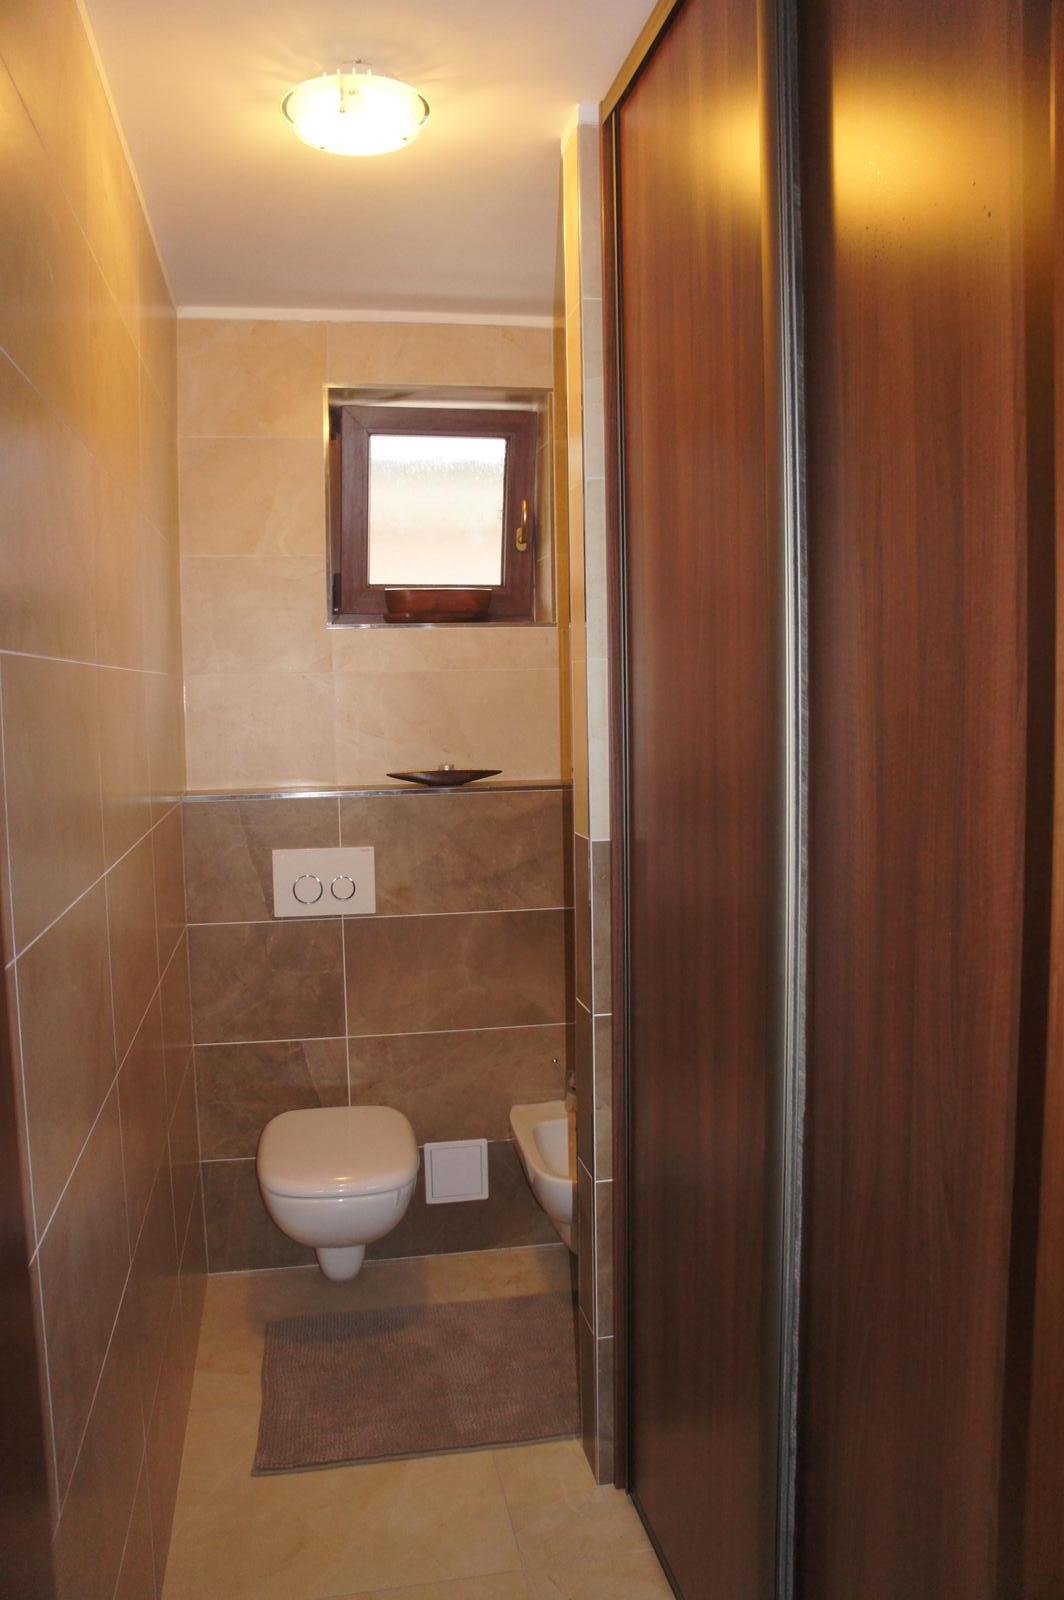 Naše bývanie :-) - Wc zmenené oproti projektu kde bolo bez okna... síce väčšie, ale zmestila sa vstavaná skriňa na uteráky i vysávač :-)